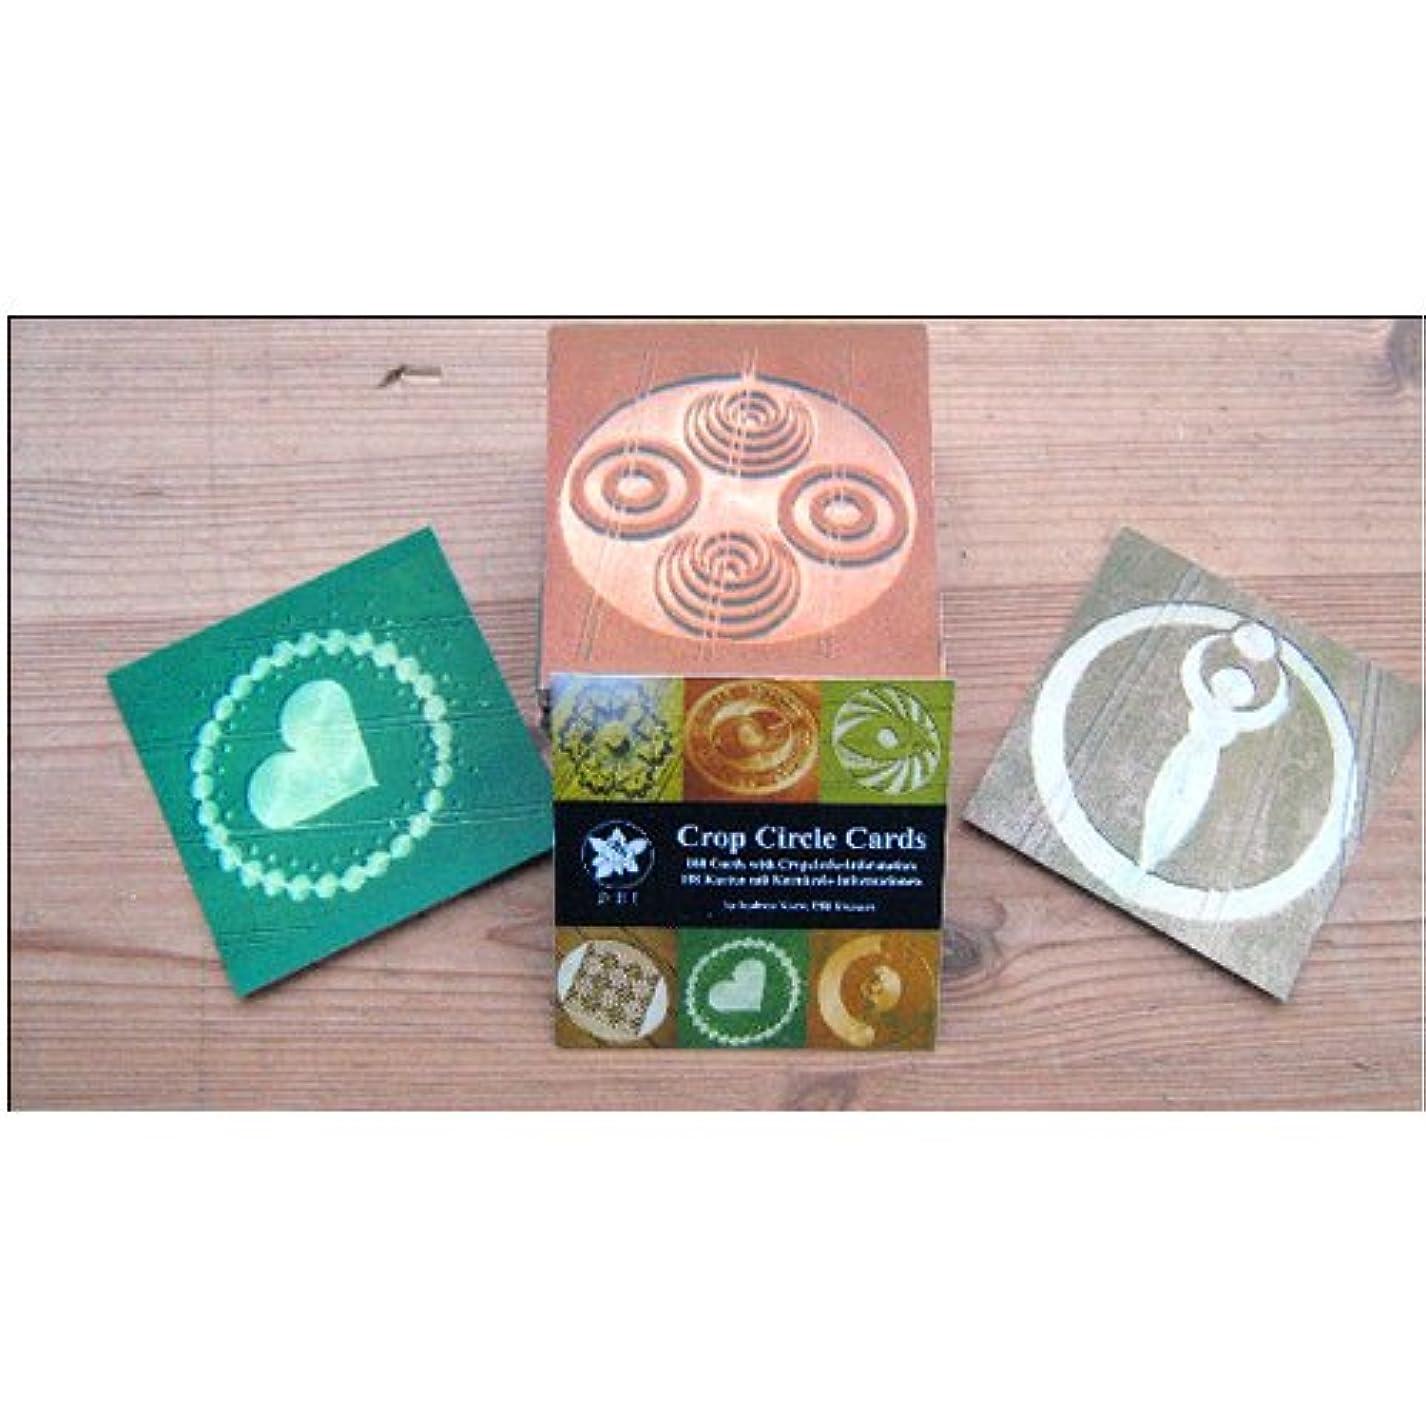 秘書ファッション調整するコルテ PHIエッセンス クロップサークル カード(全108枚) (PHI Essences) 日本国内正規品